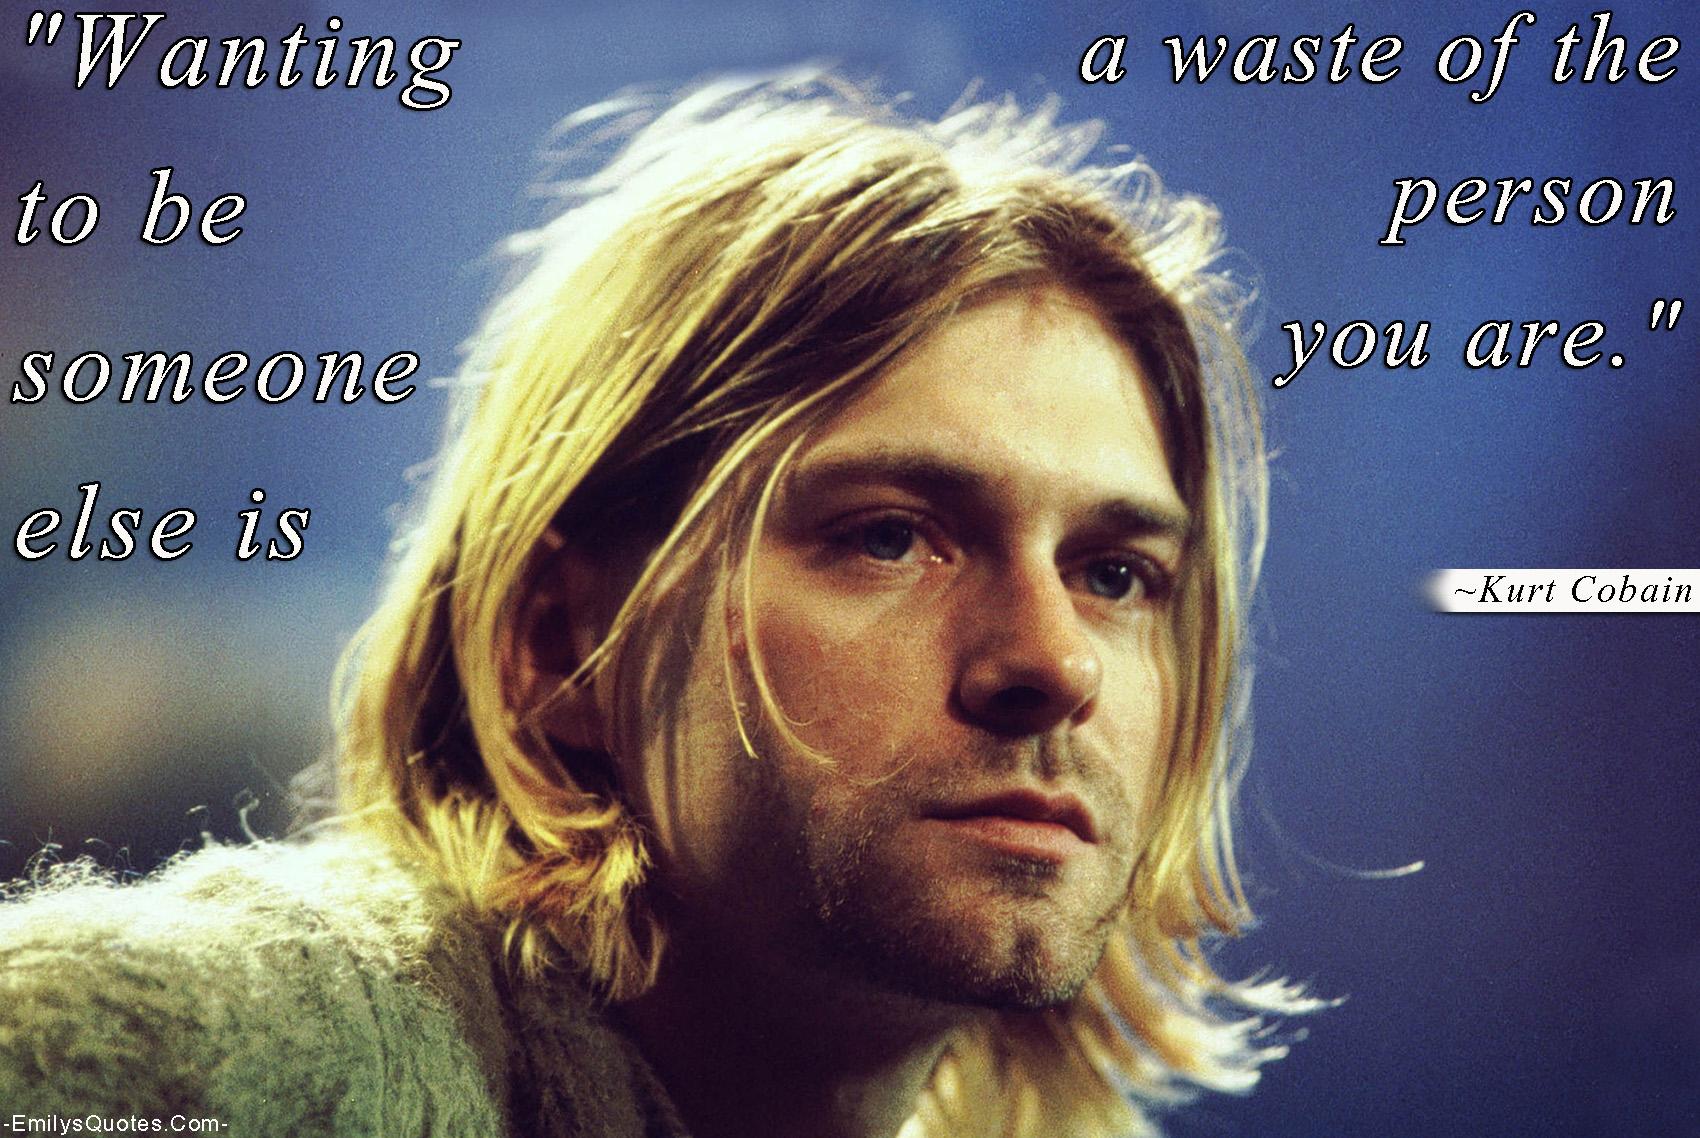 EmilysQuotes.Com - be yourself, great, inspirational, Kurt Cobain